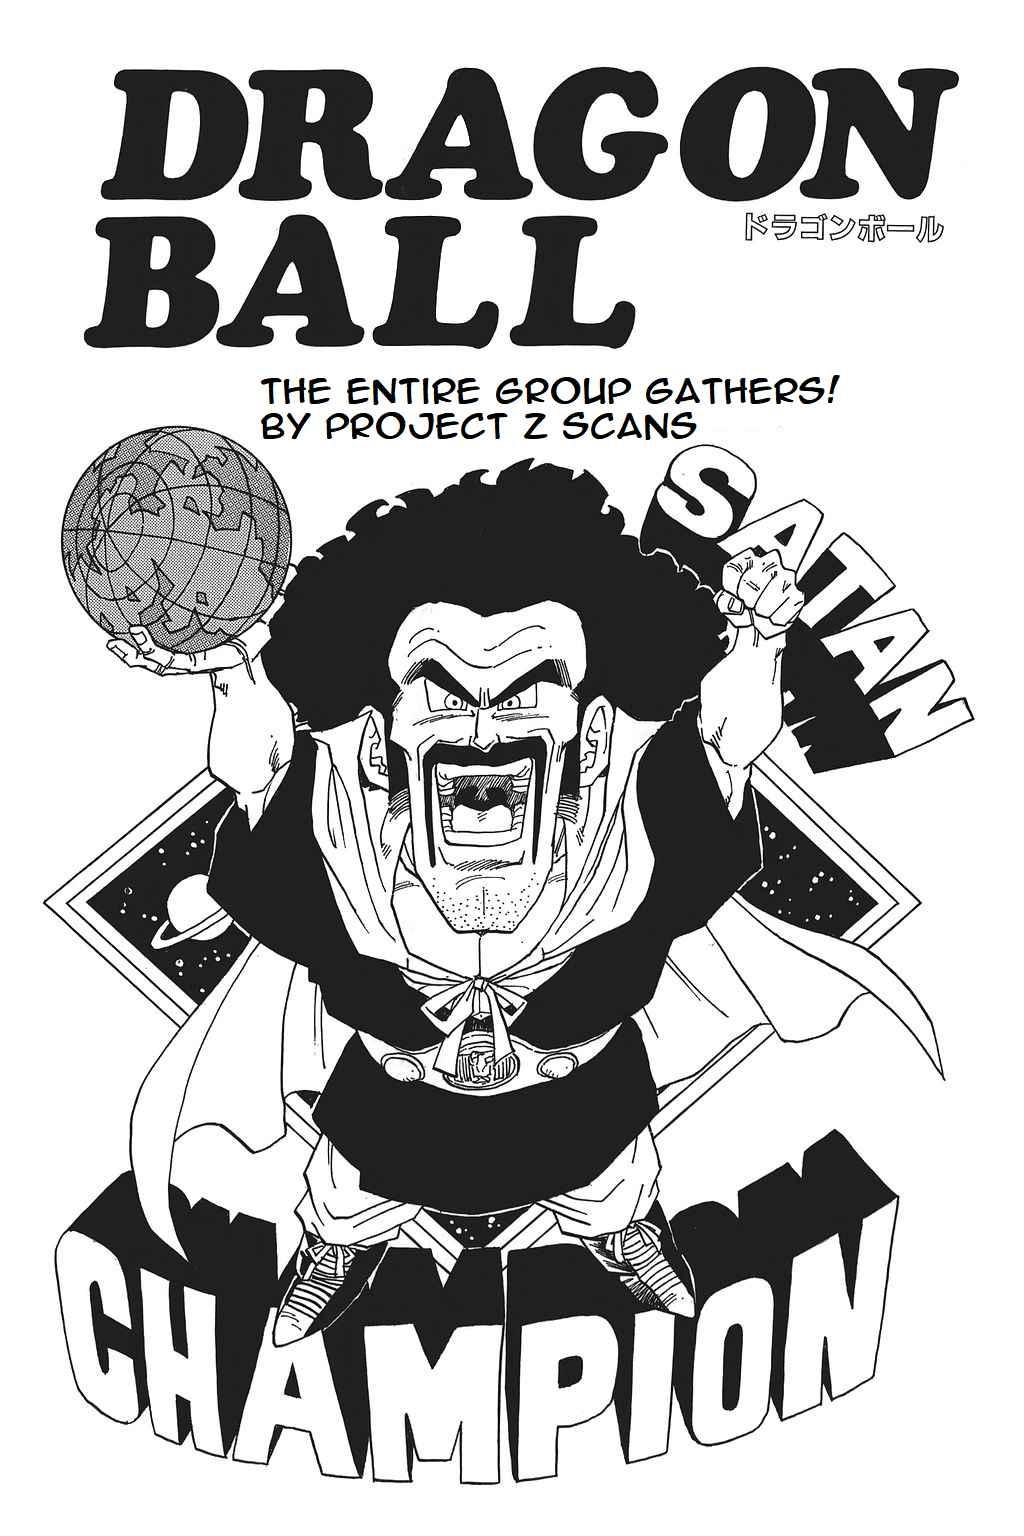 https://manga.mangadogs.com/comics/pic2/49/14833/889390/d33ea09aa494b5a486d362a30ef4c6b7.jpg Page 1